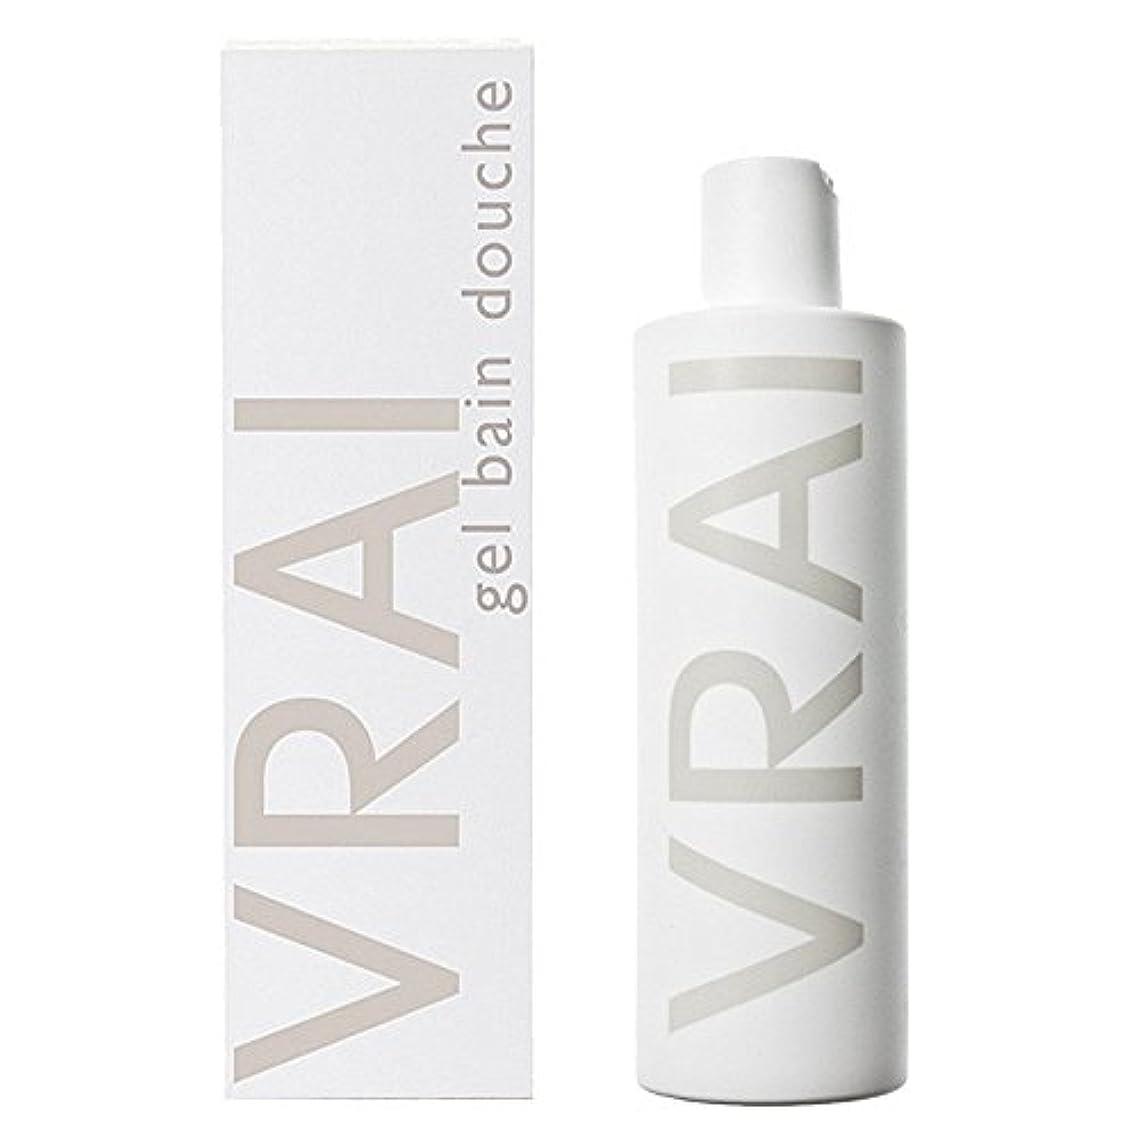 誕生寛大さ差し控えるFragonard VRAI (フラゴナール ブライ) 8.3 oz (250ml) Bath & Shower Gel